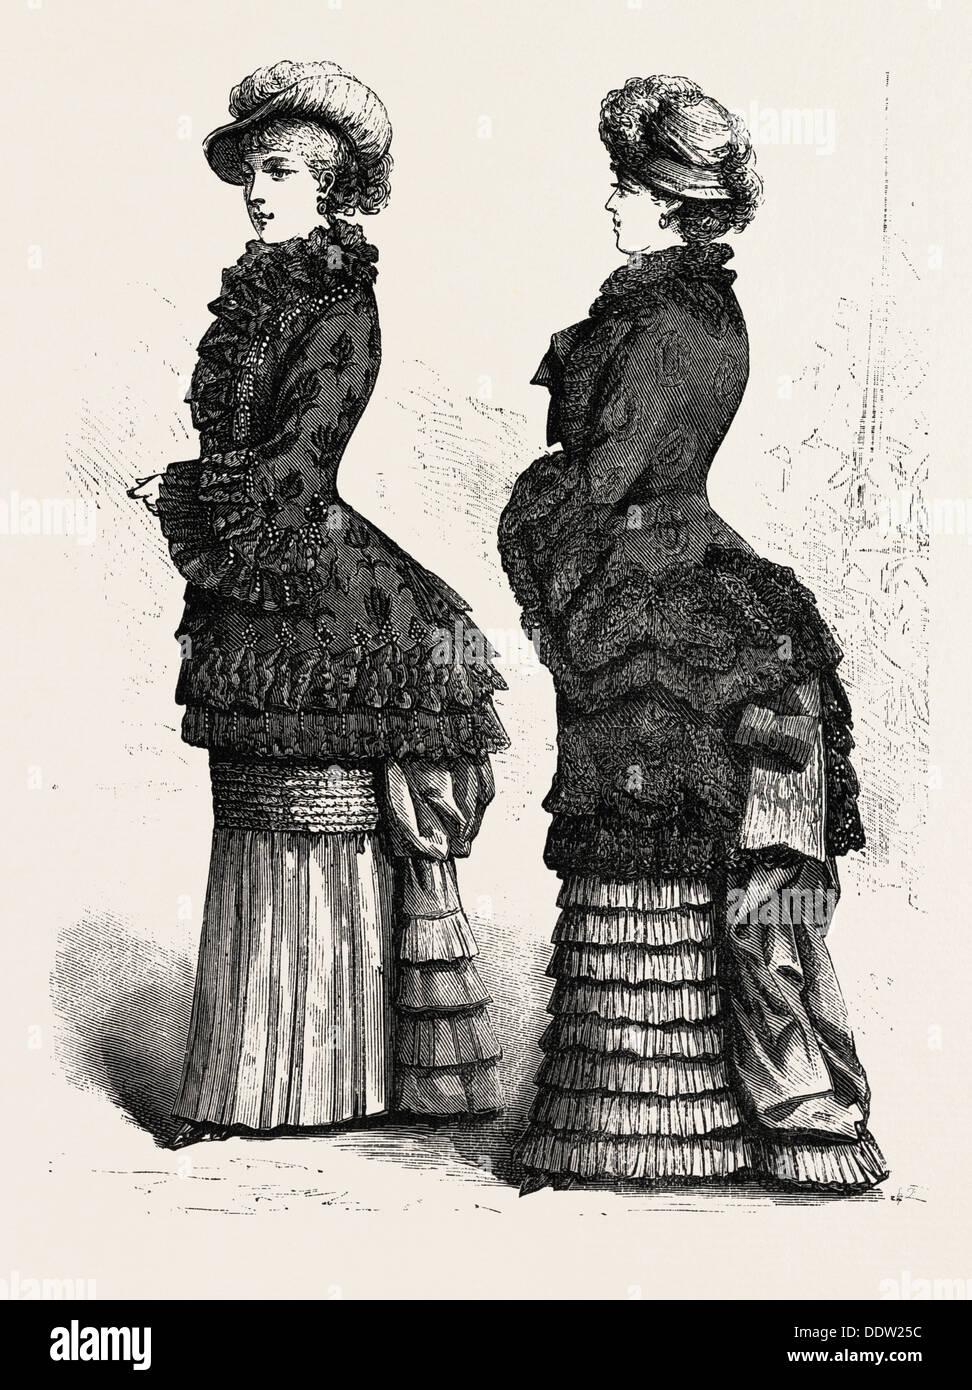 AUTUMN MANTLE, FASHION, ENGRAVING 1882 - Stock Image